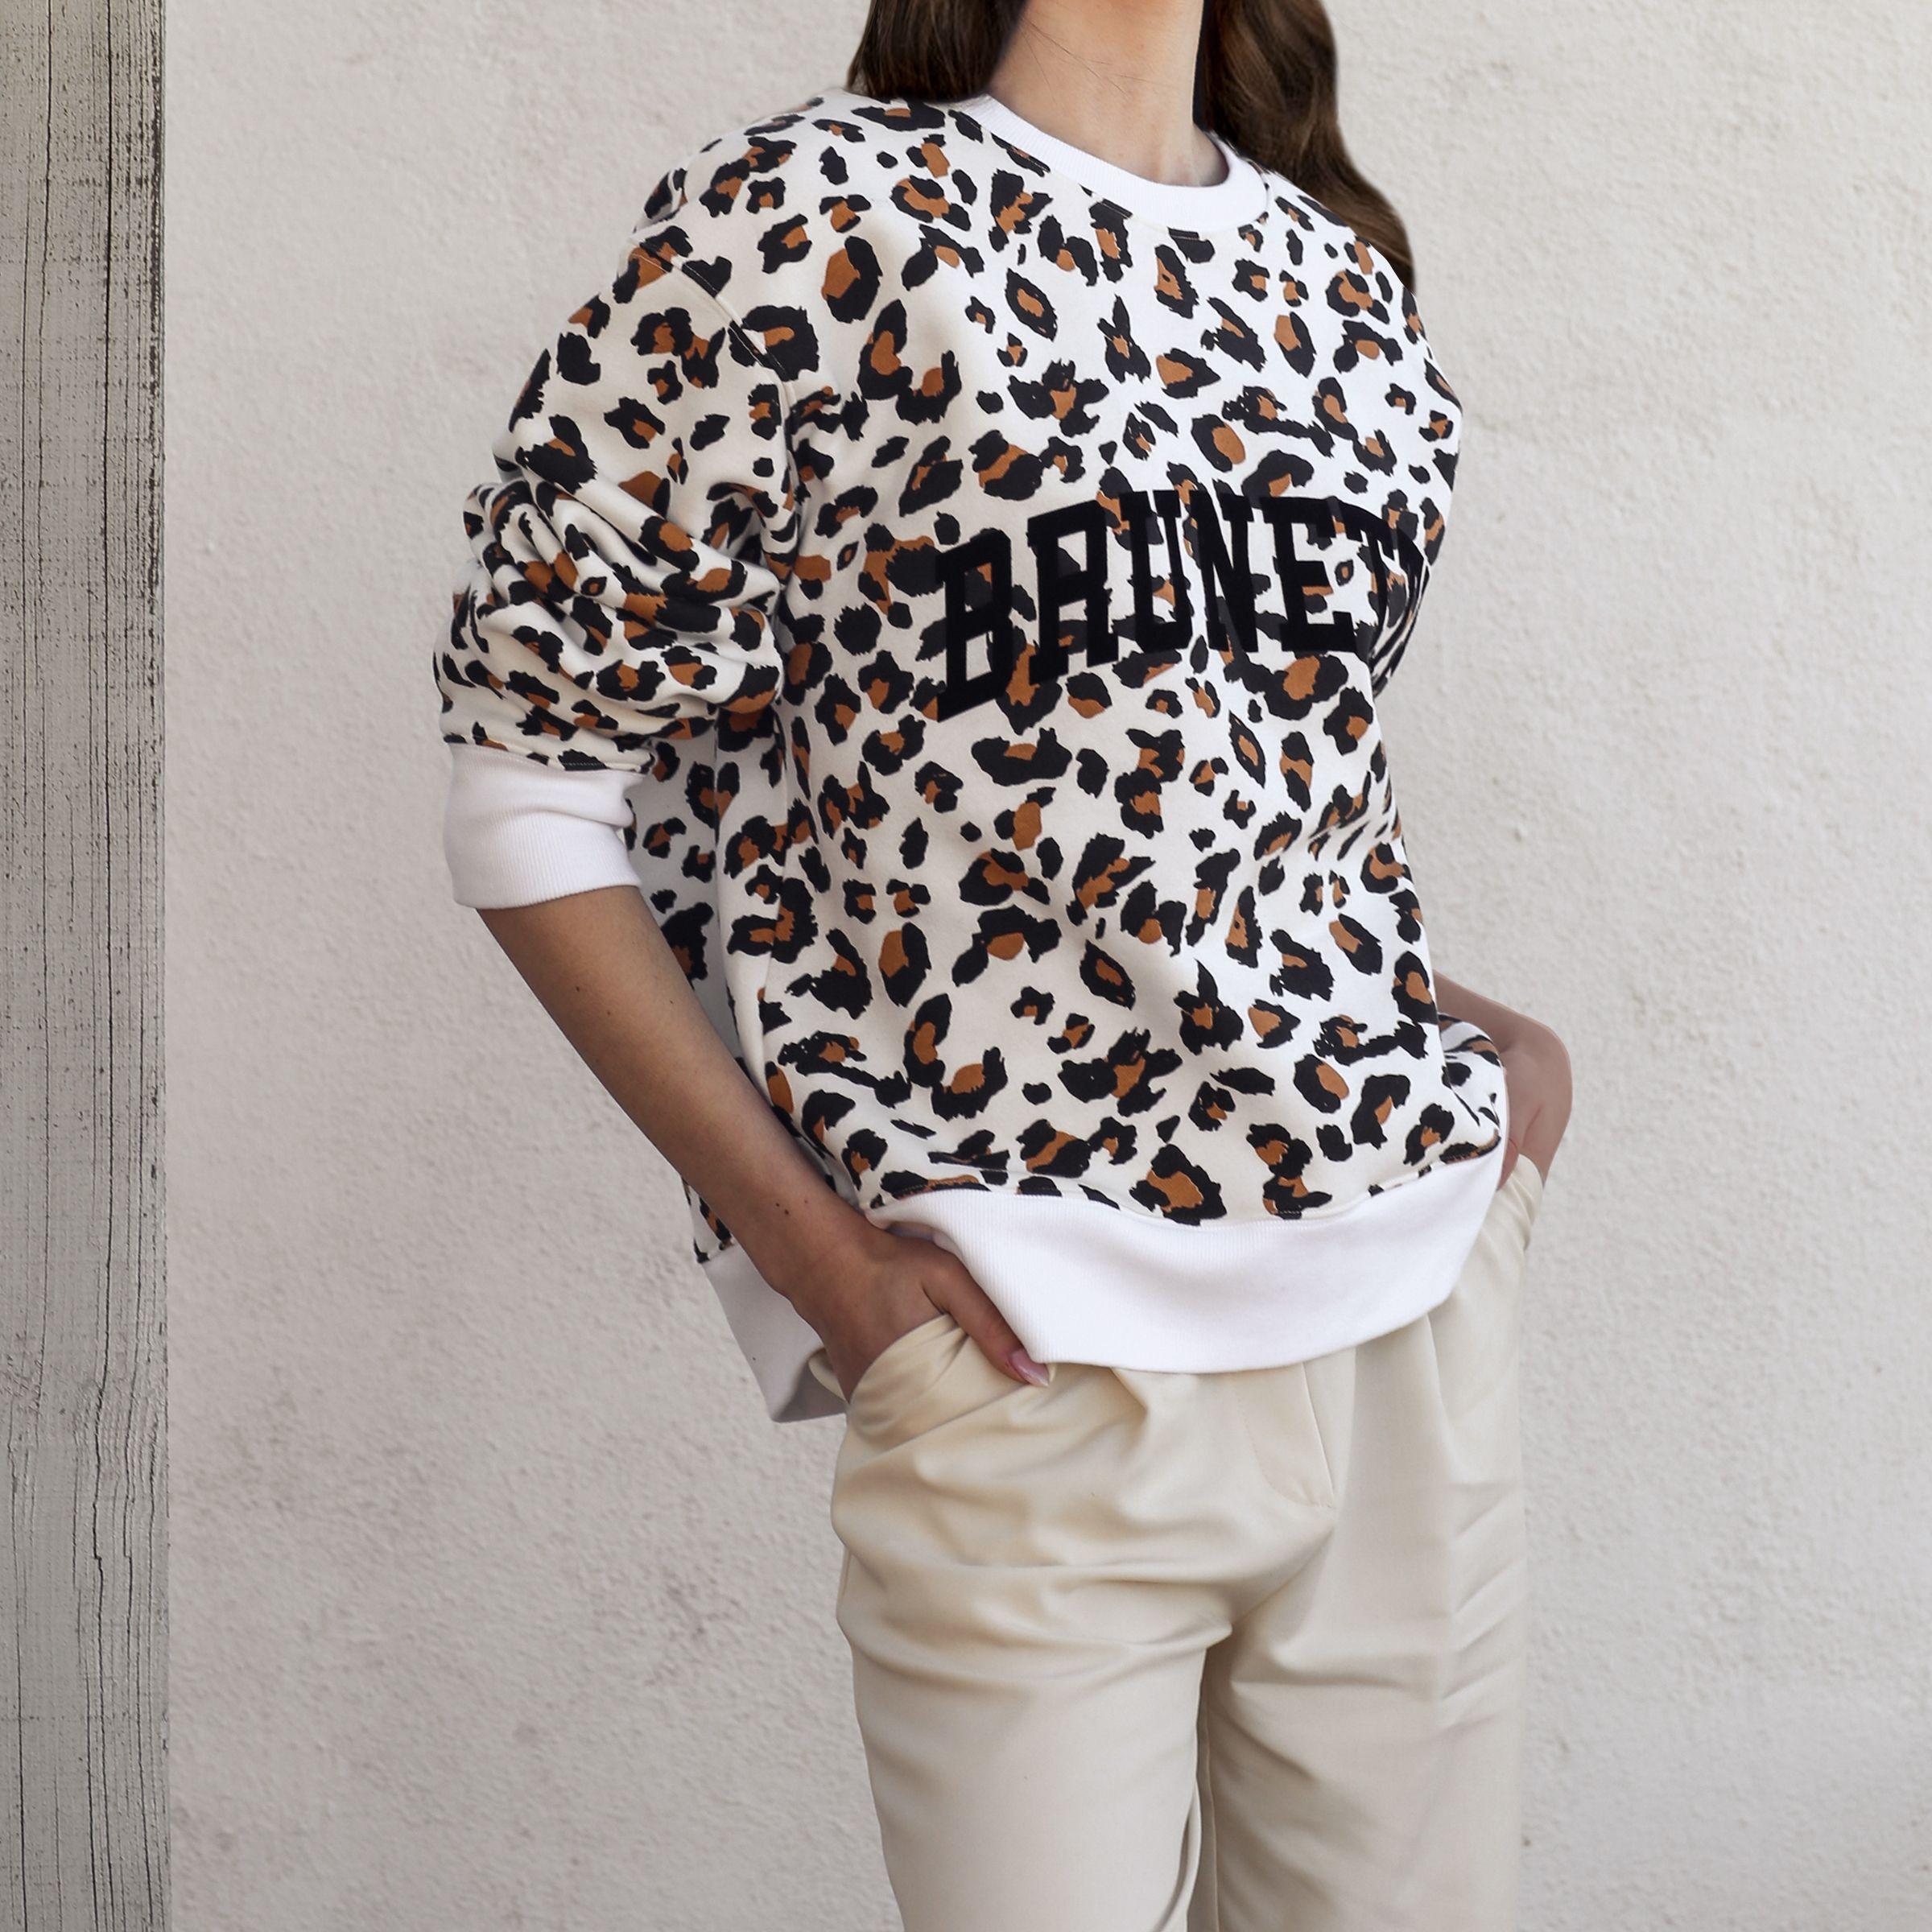 The Brunette Step Sister Crew Neck Sweatshirt White Leopard Crew Neck Sweatshirt White Leopard White Sweatshirt [ 2400 x 2400 Pixel ]